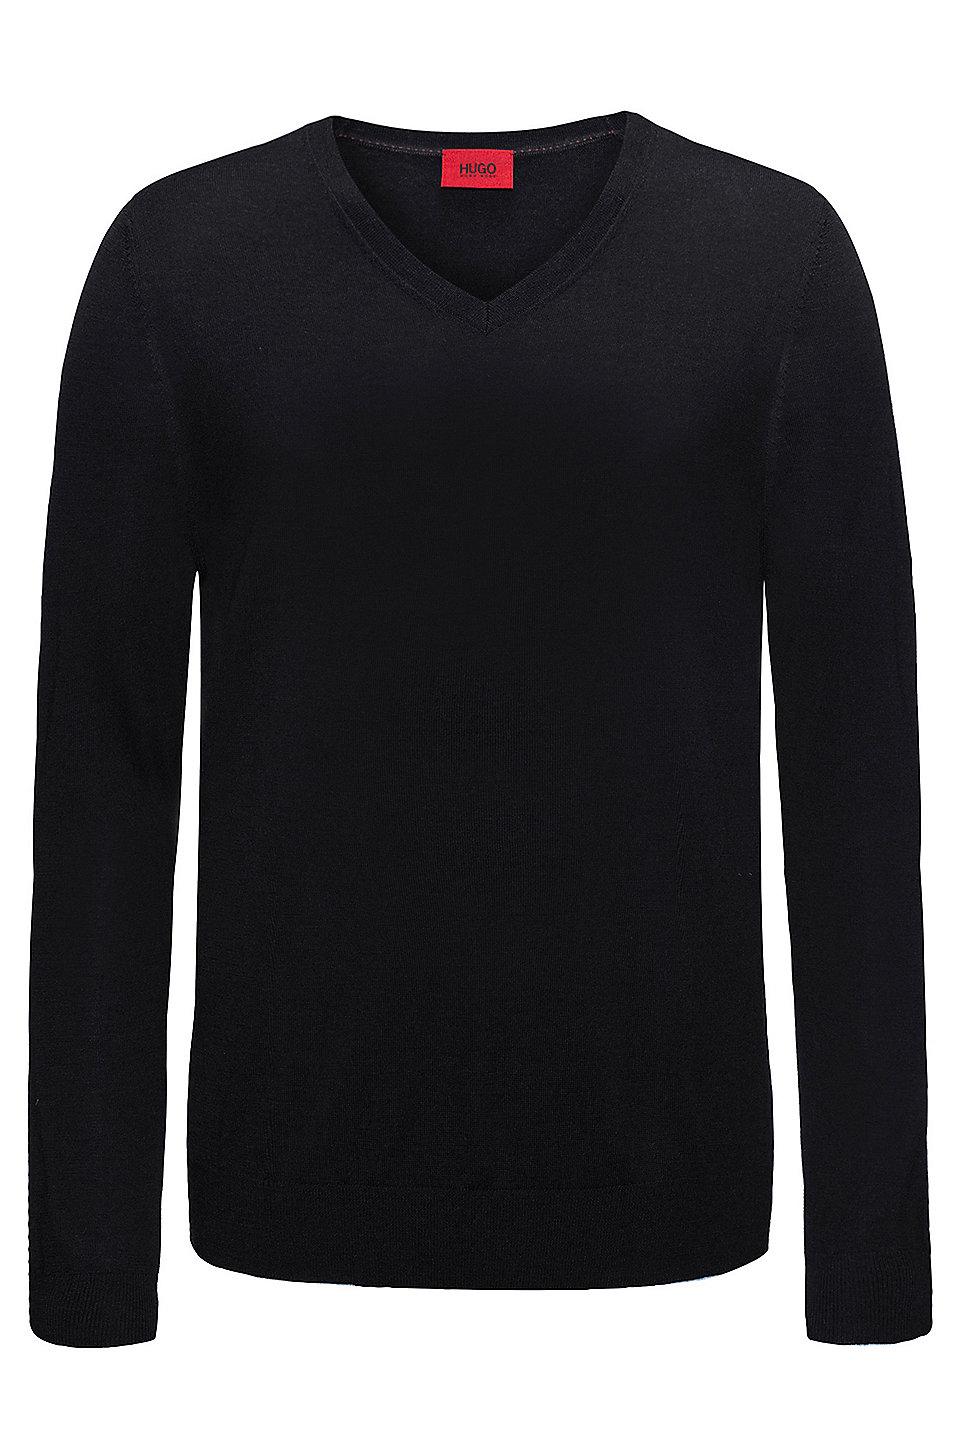 HUGO - Slim-Fit Pullover aus einem leichten Merinowoll-Mix mit V-Ausschnitt fb976d1537